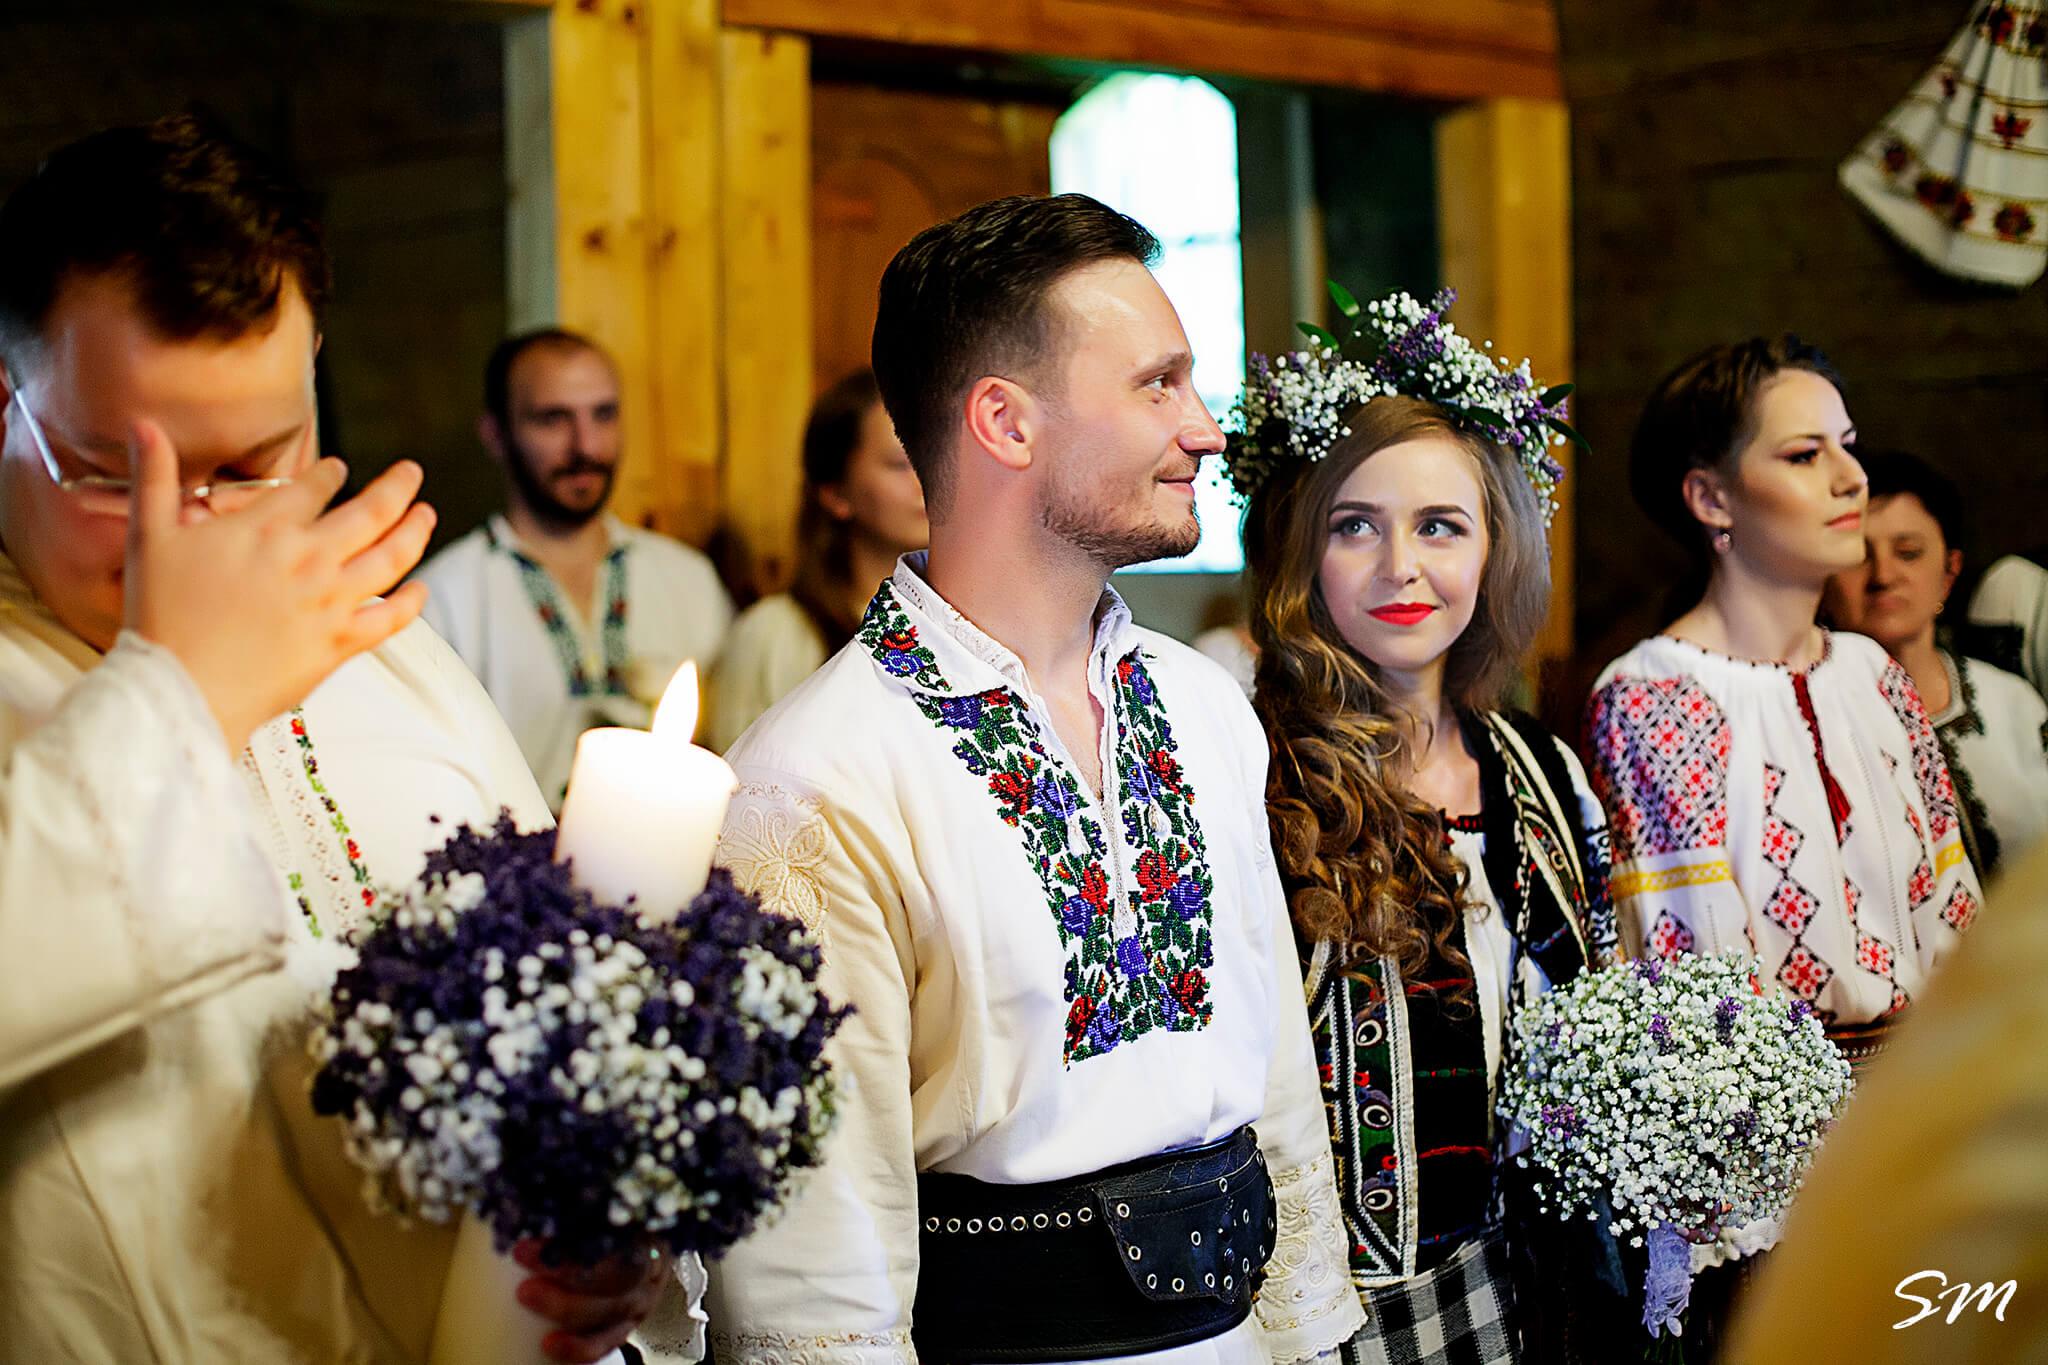 fotografii_nunta_suceava_muzeul_satului (6)